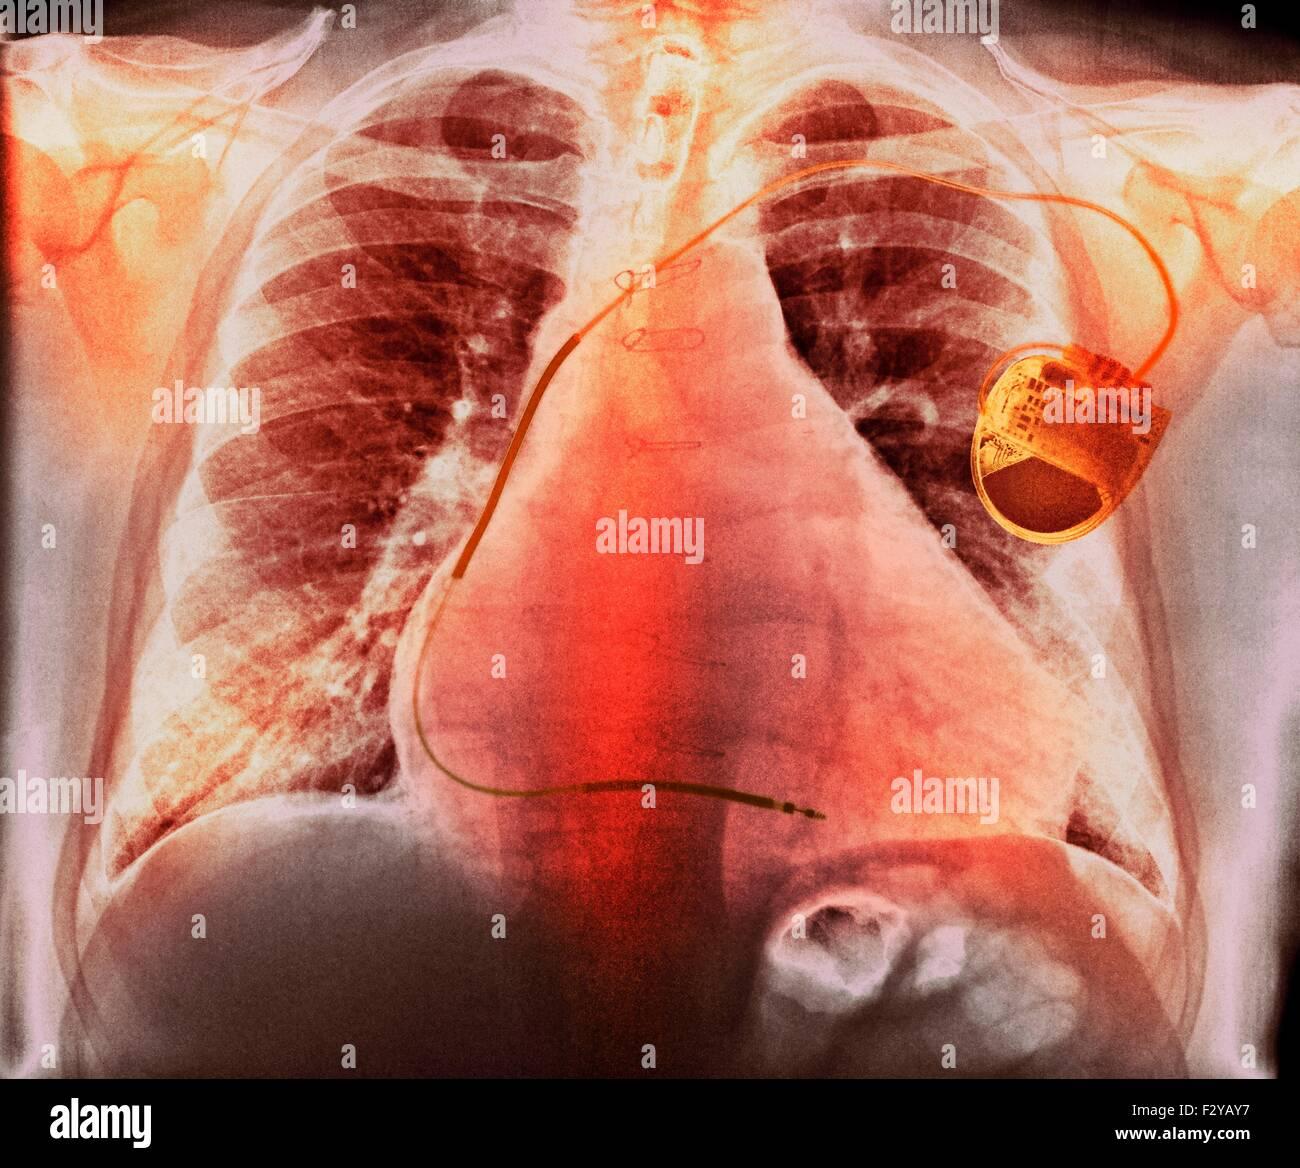 Stimulateur cardiaque dans la maladie de coeur. Poitrine de couleur X-ray montrant un stimulateur cardiaque (droite) Photo Stock